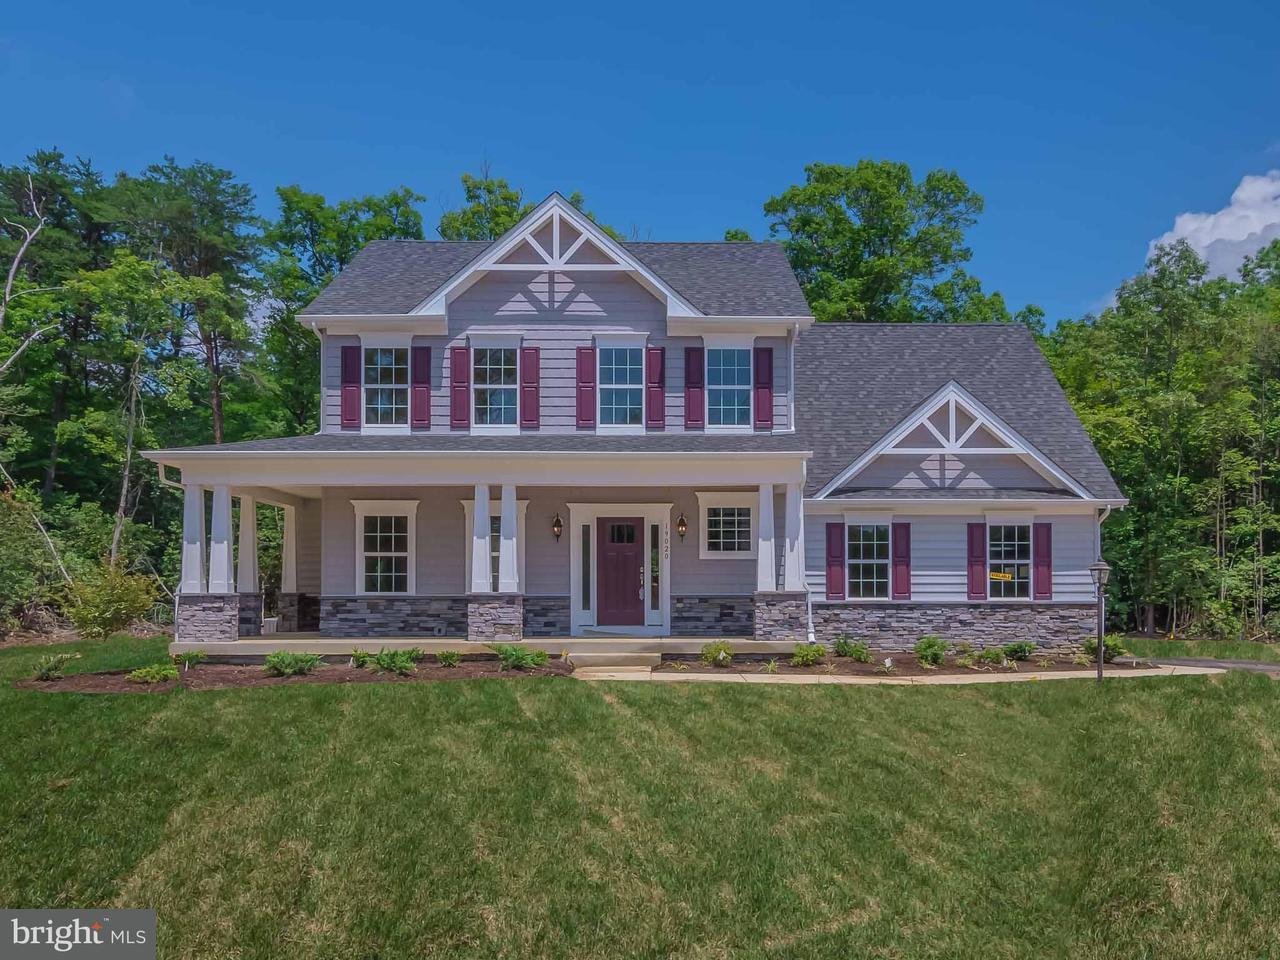 Maison unifamiliale pour l Vente à 19020 North Porto Bello Drive 19020 North Porto Bello Drive Drayden, Maryland 20630 États-Unis